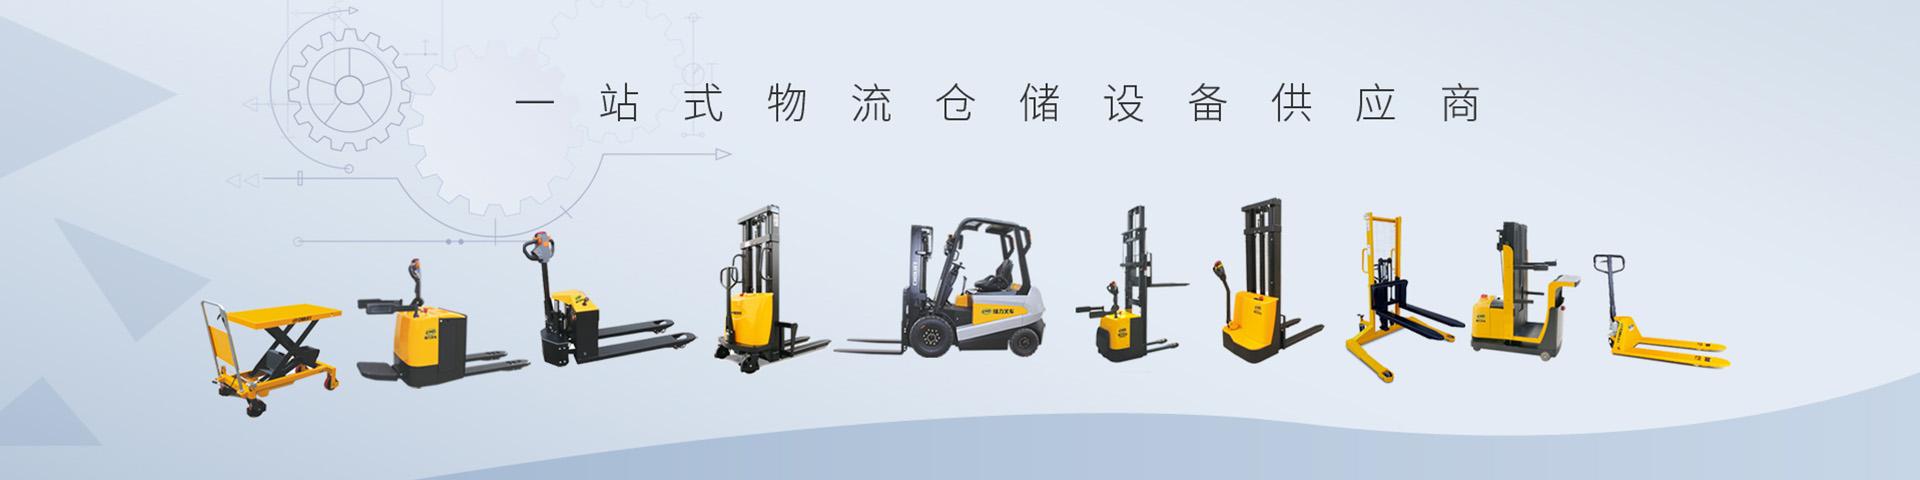 虎拓工业设备